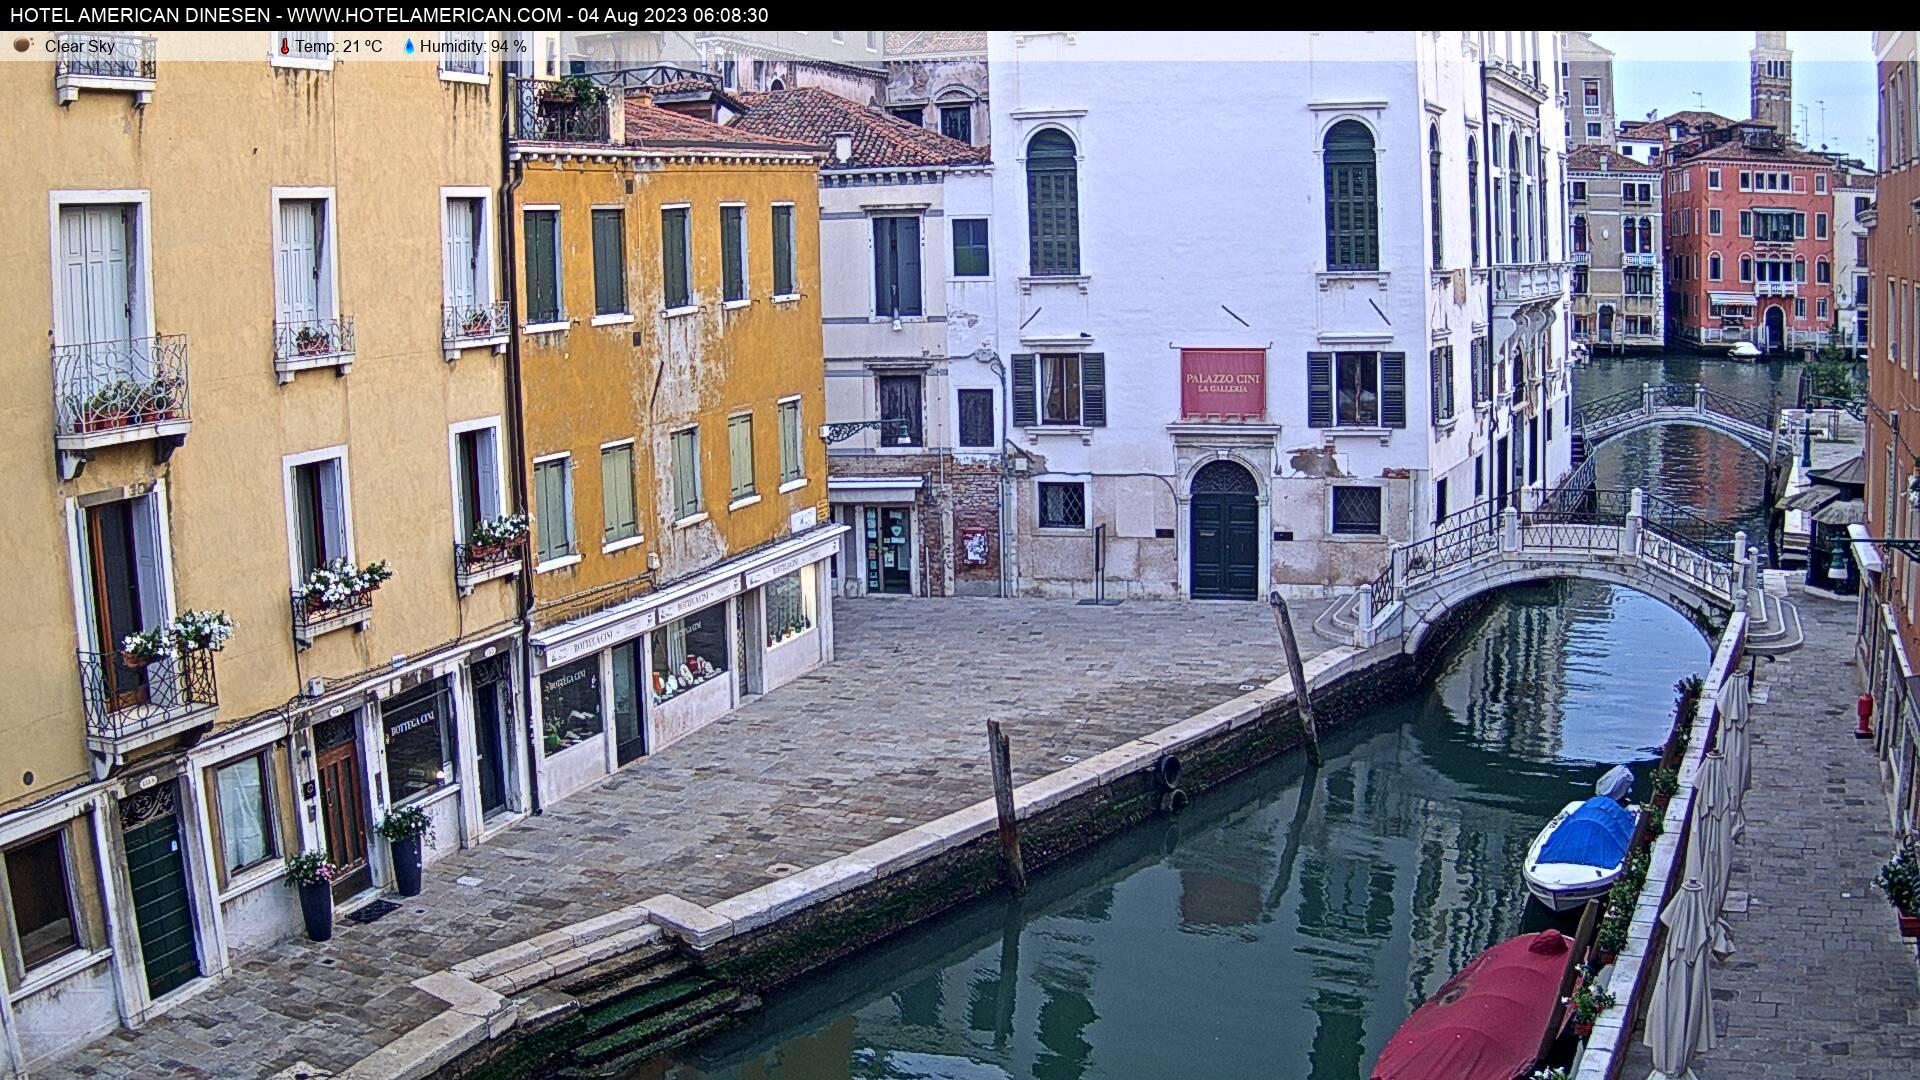 Venedig So. 06:08